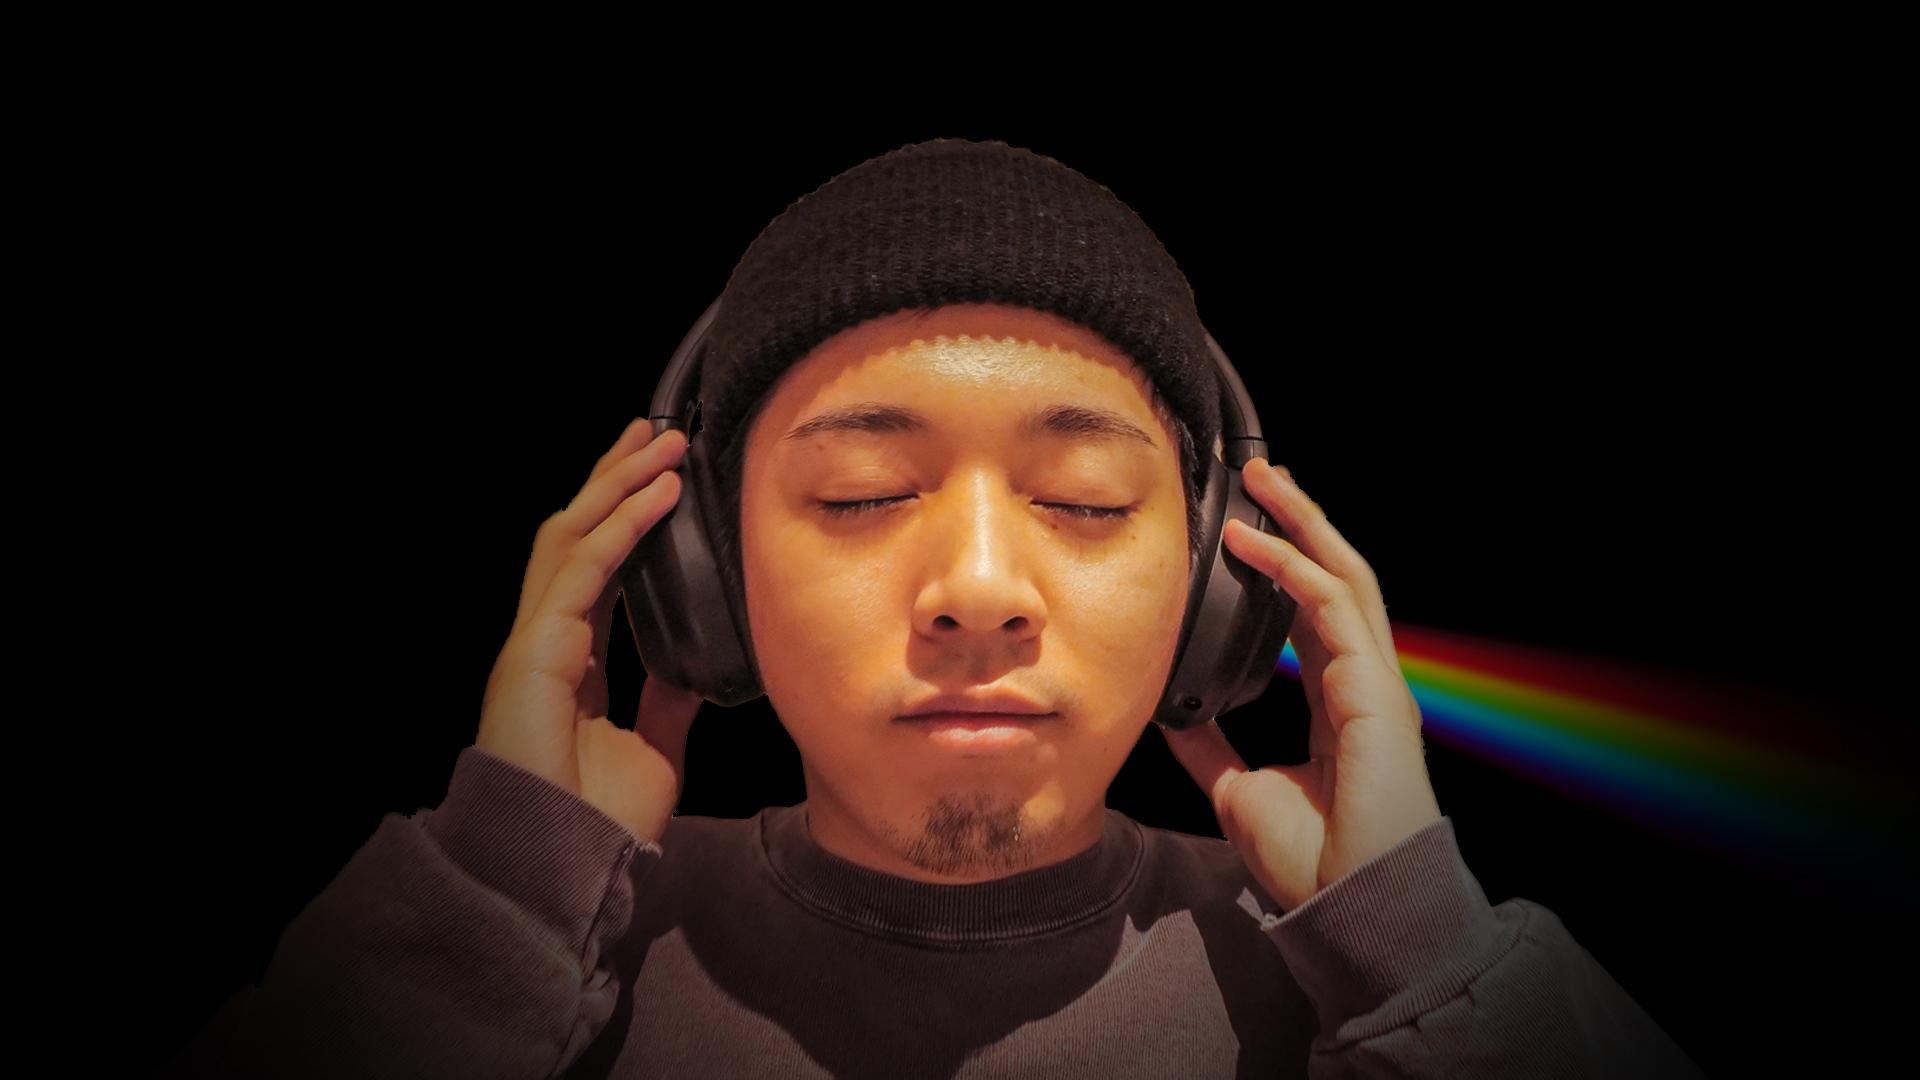 【プレゼントします!】無線ノイズキャンセリング! 「ソニー WH-1000XM3」